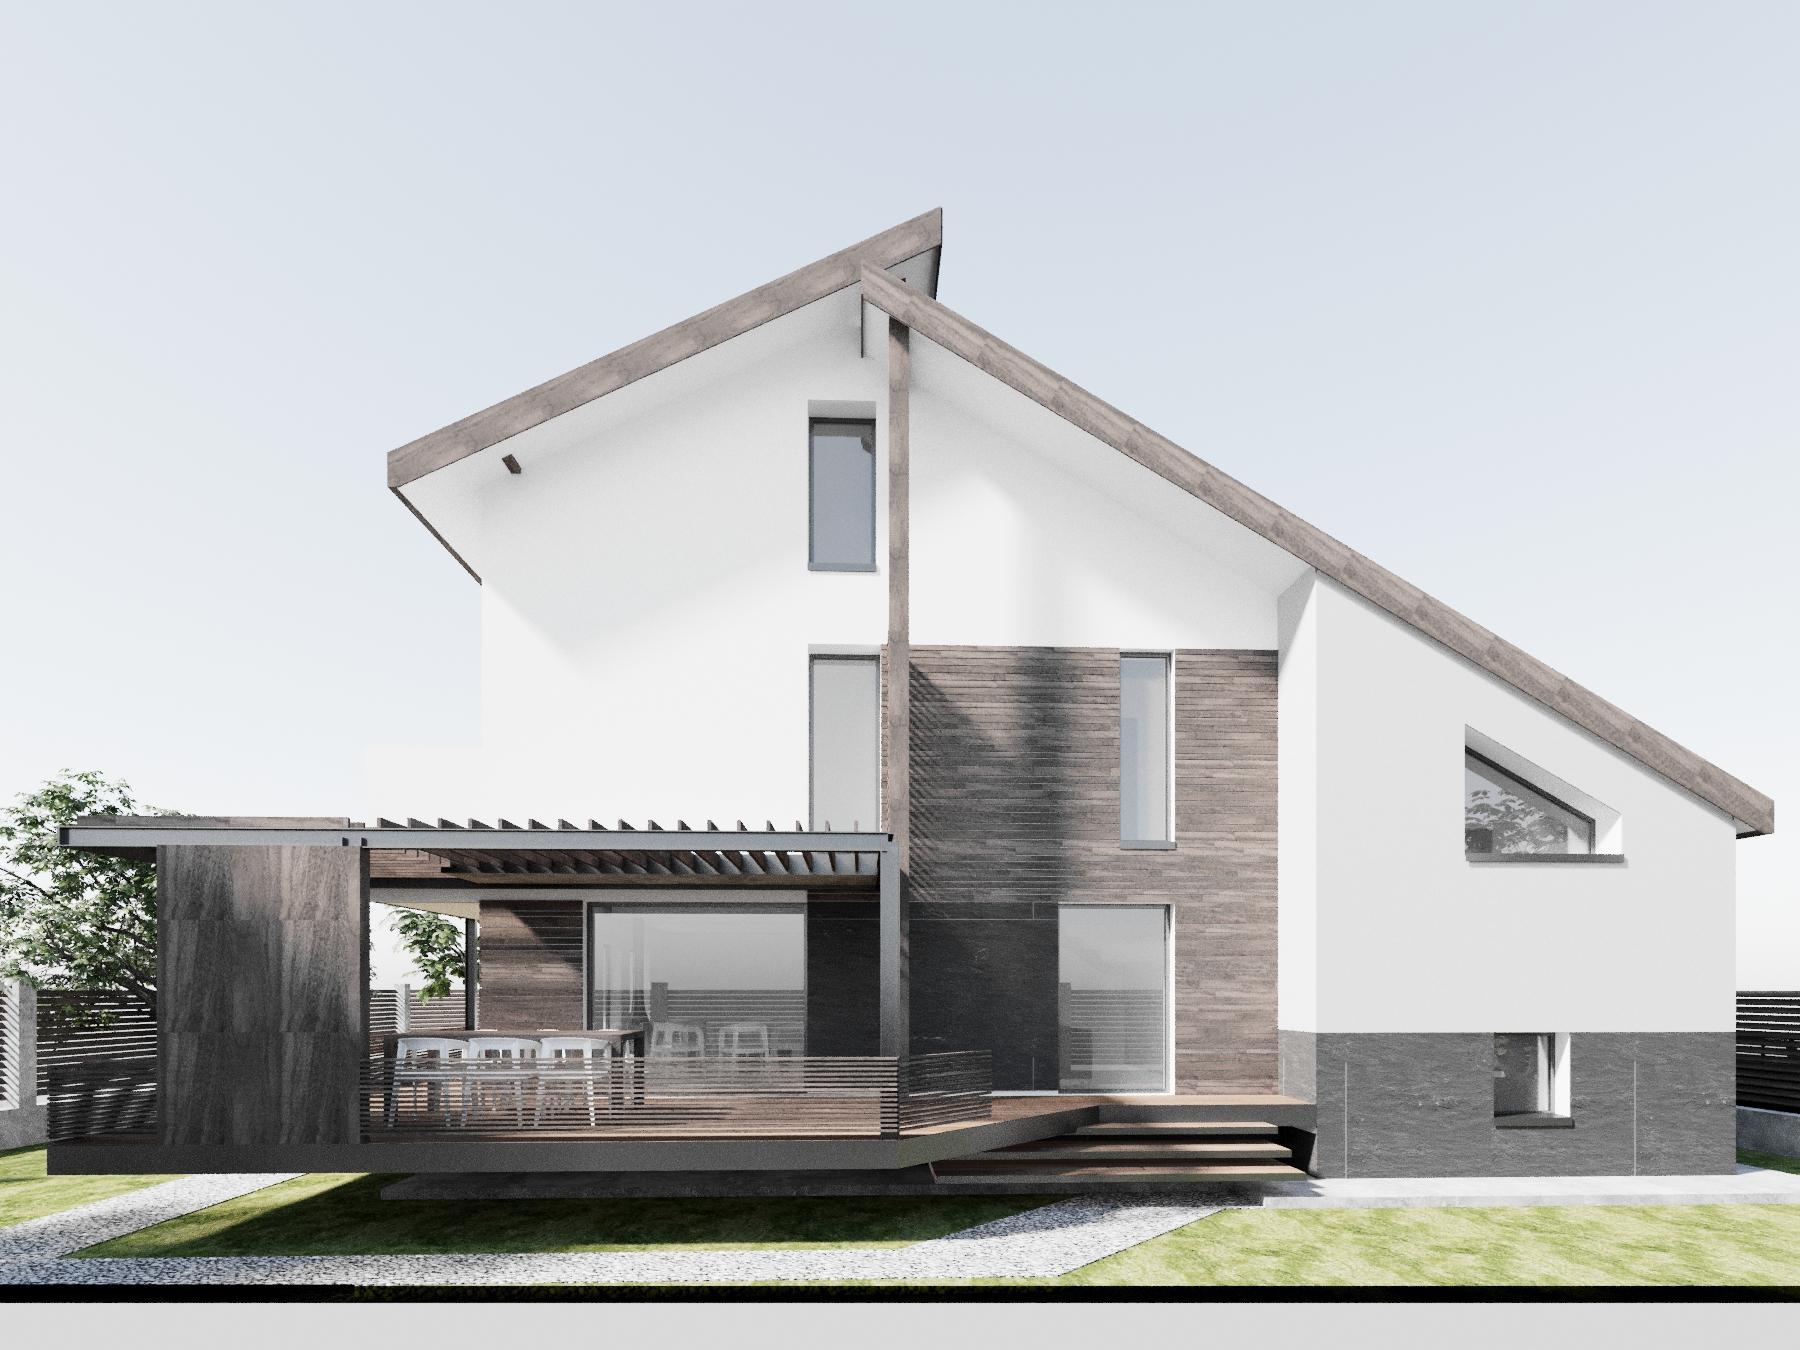 modificare casa existenta sisesti reflex architecture ForModificare Casa